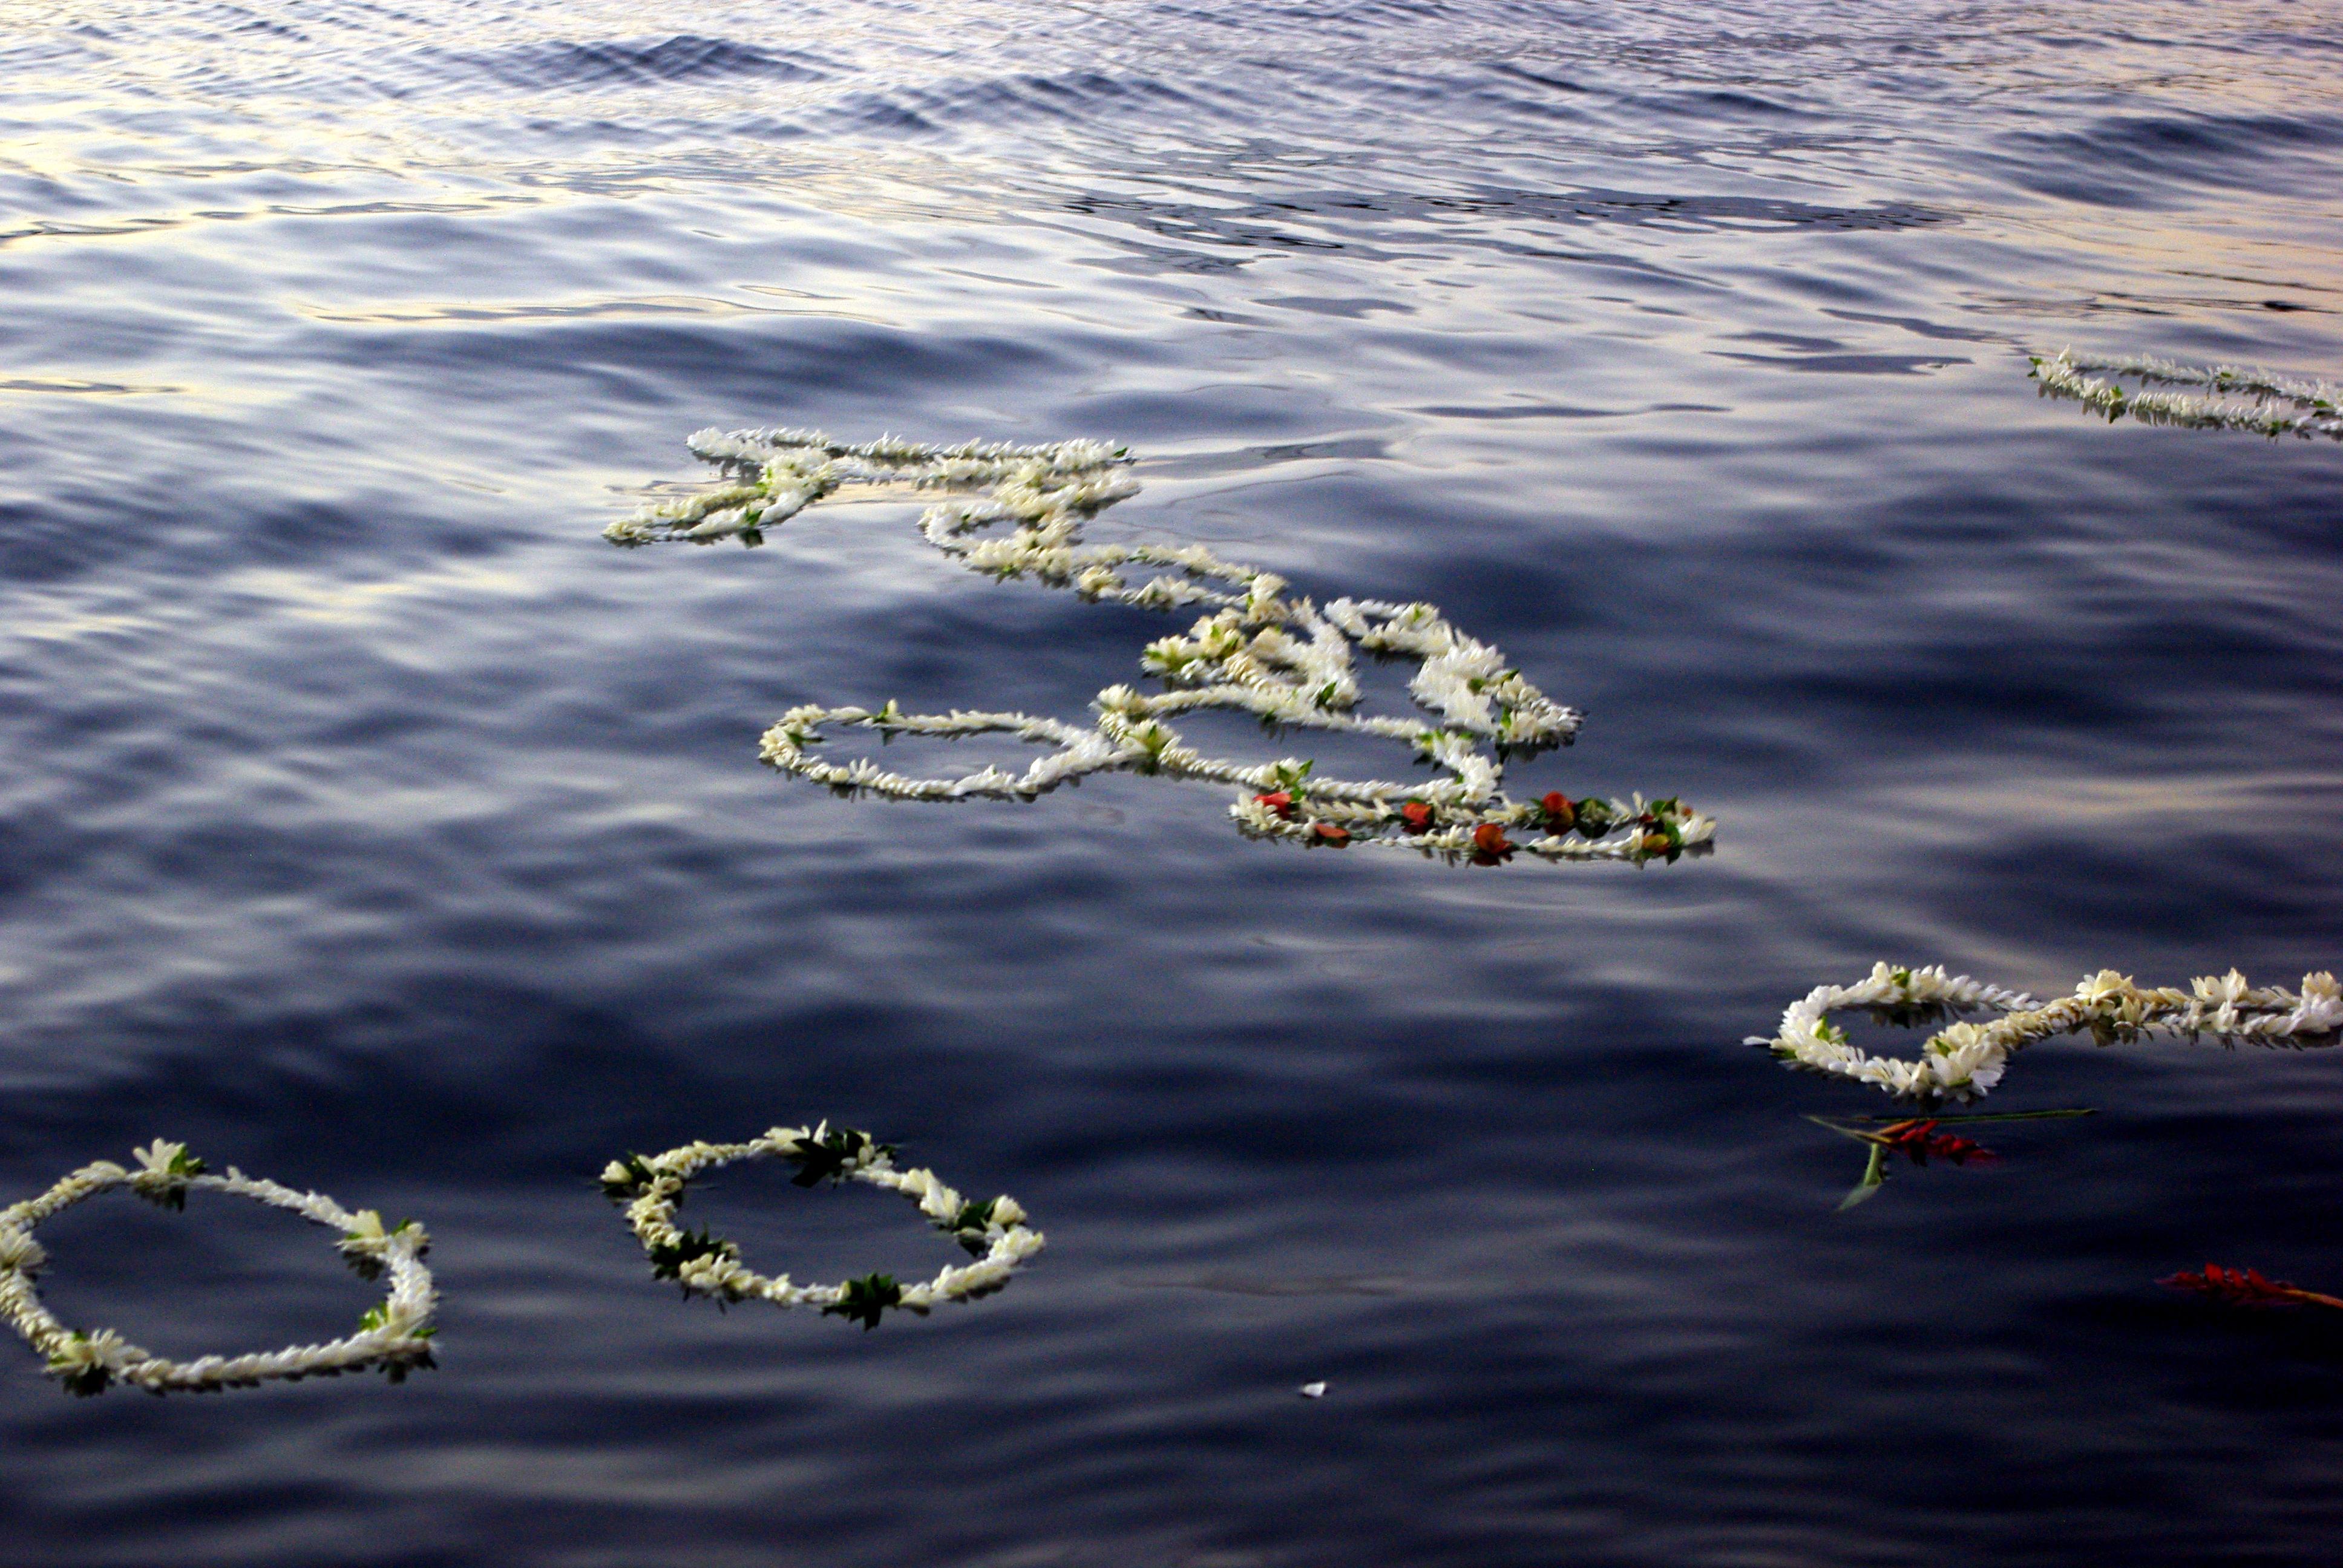 Mieux comprendre : Comment rapatrier un défunt vers les îles ?